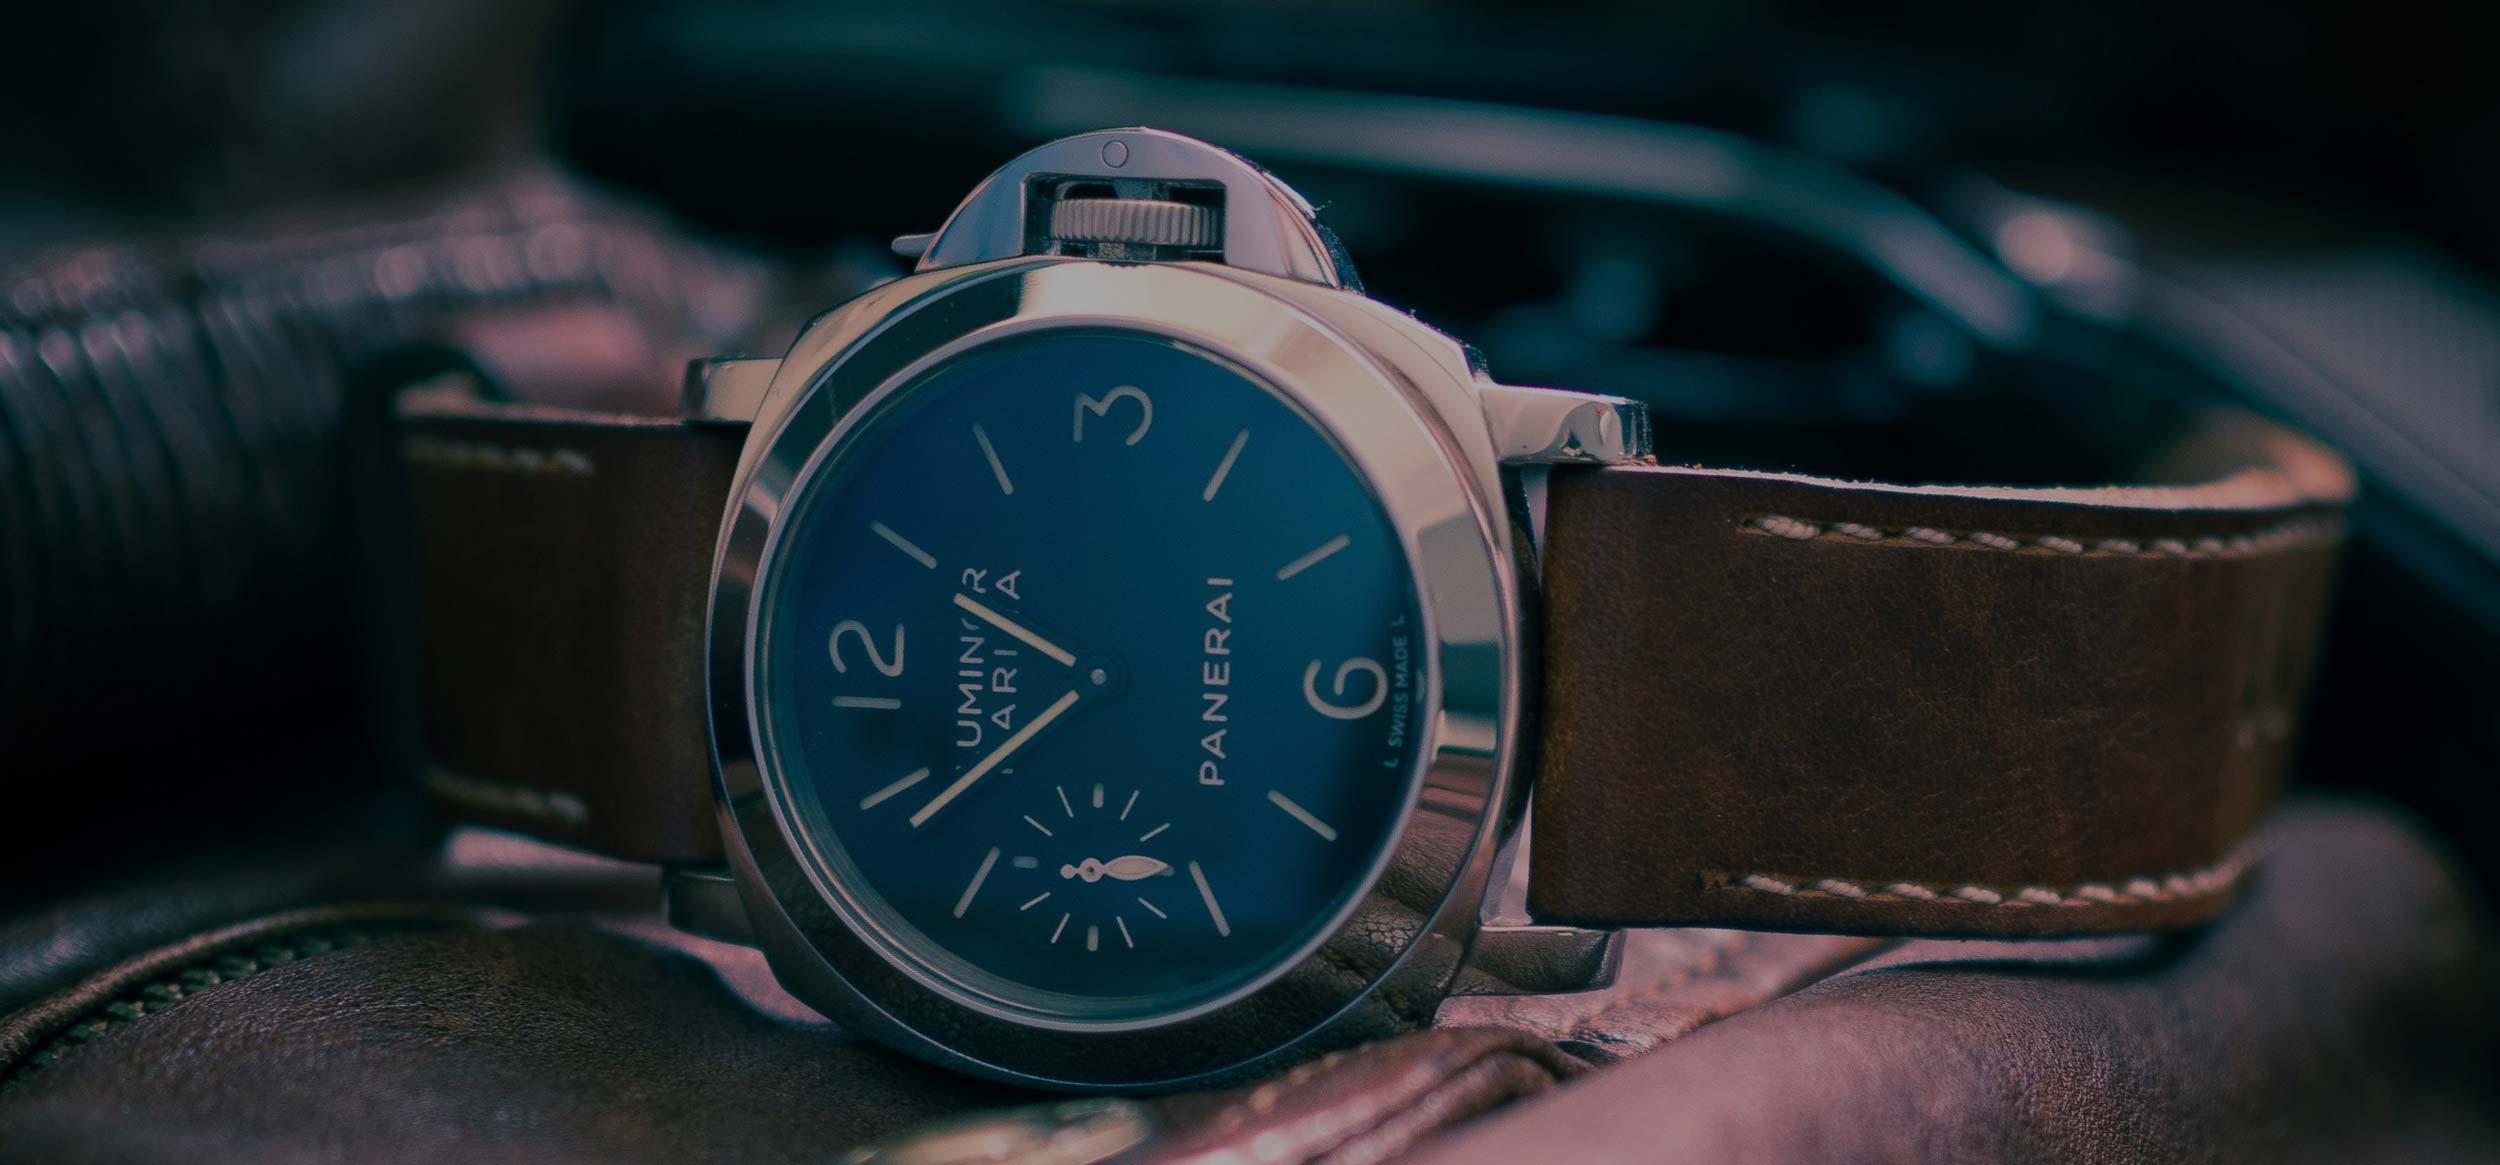 62573f415b80 ARUM JOYEROS - Especialistas en alta joyería y relojería de ocasión